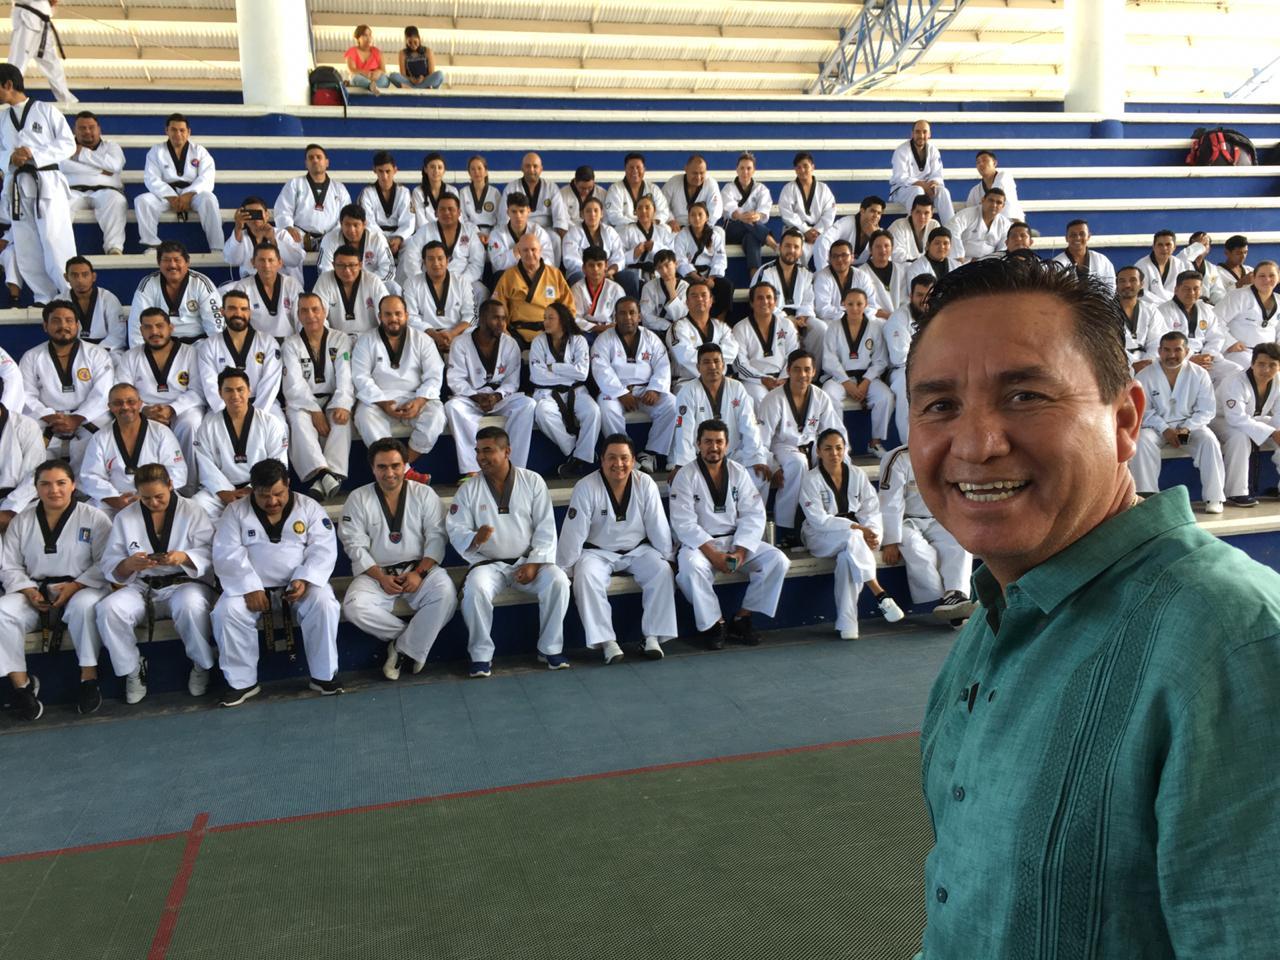 El tae kwon do mexicano con presión extra para Juegos Olímpicos, asegura el dirigente nacional González Pinedo